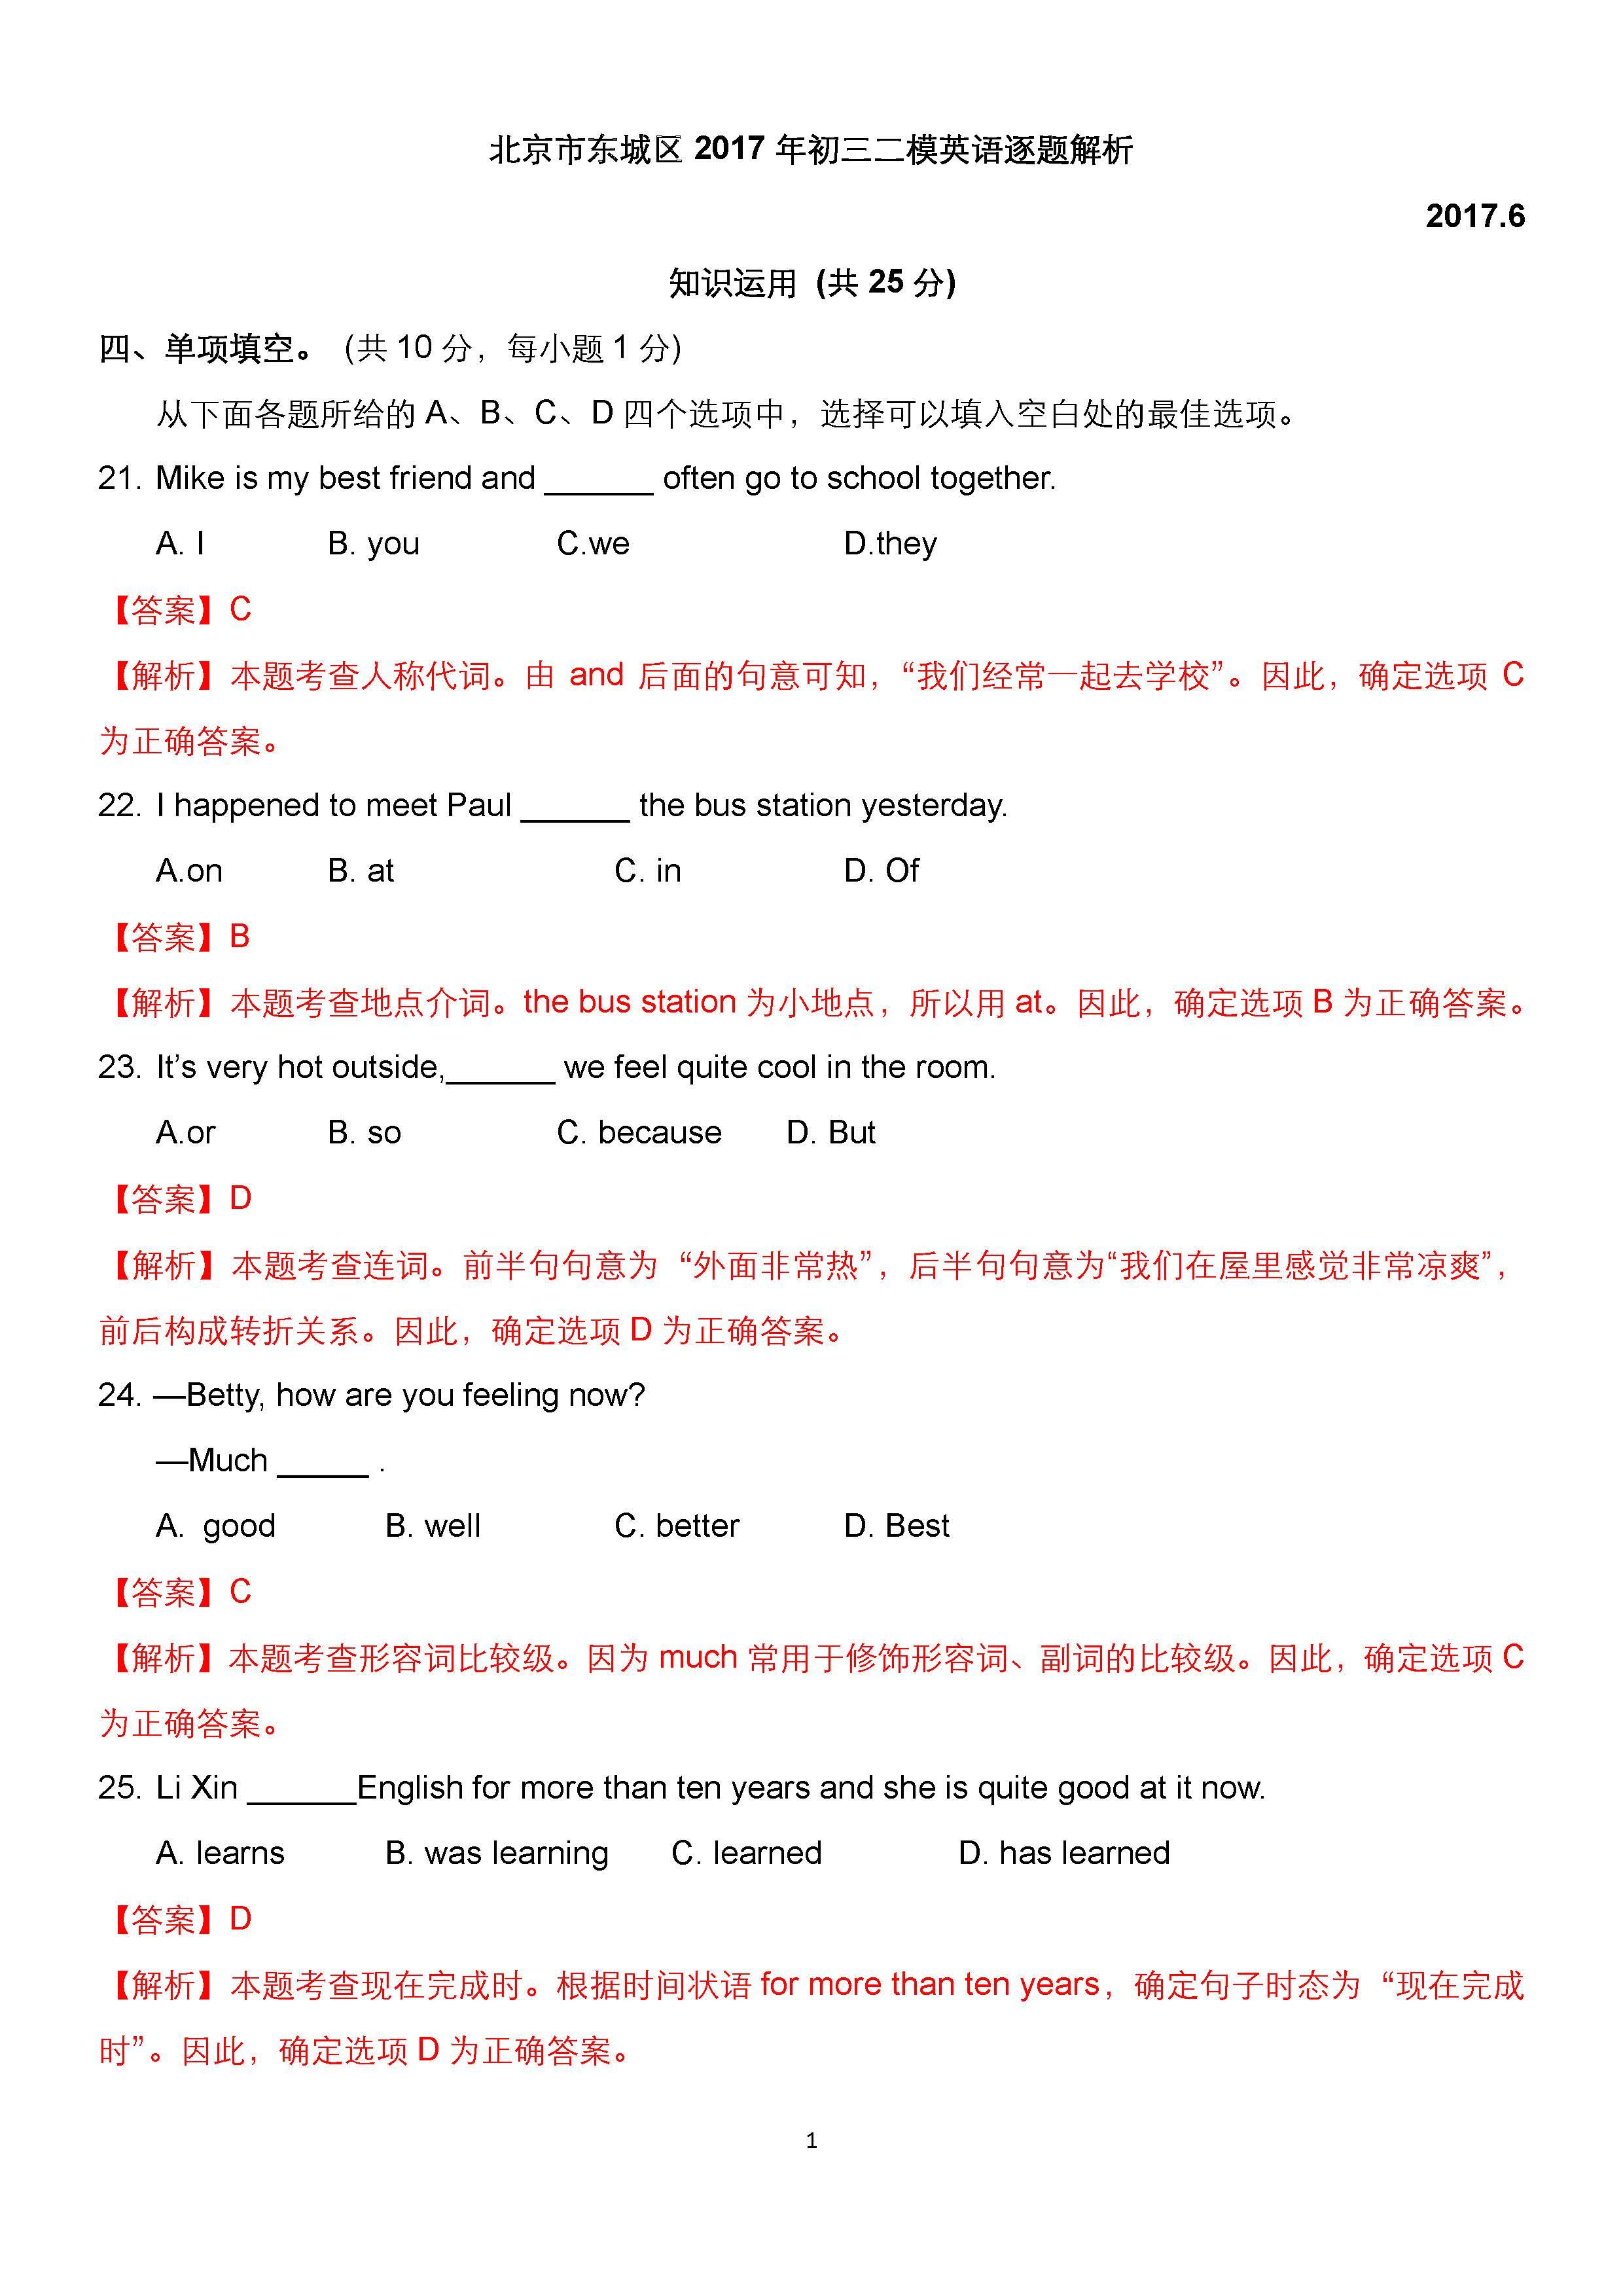 新东方优能名师逐题解析2017东城区初三二模英语答案(图片版)